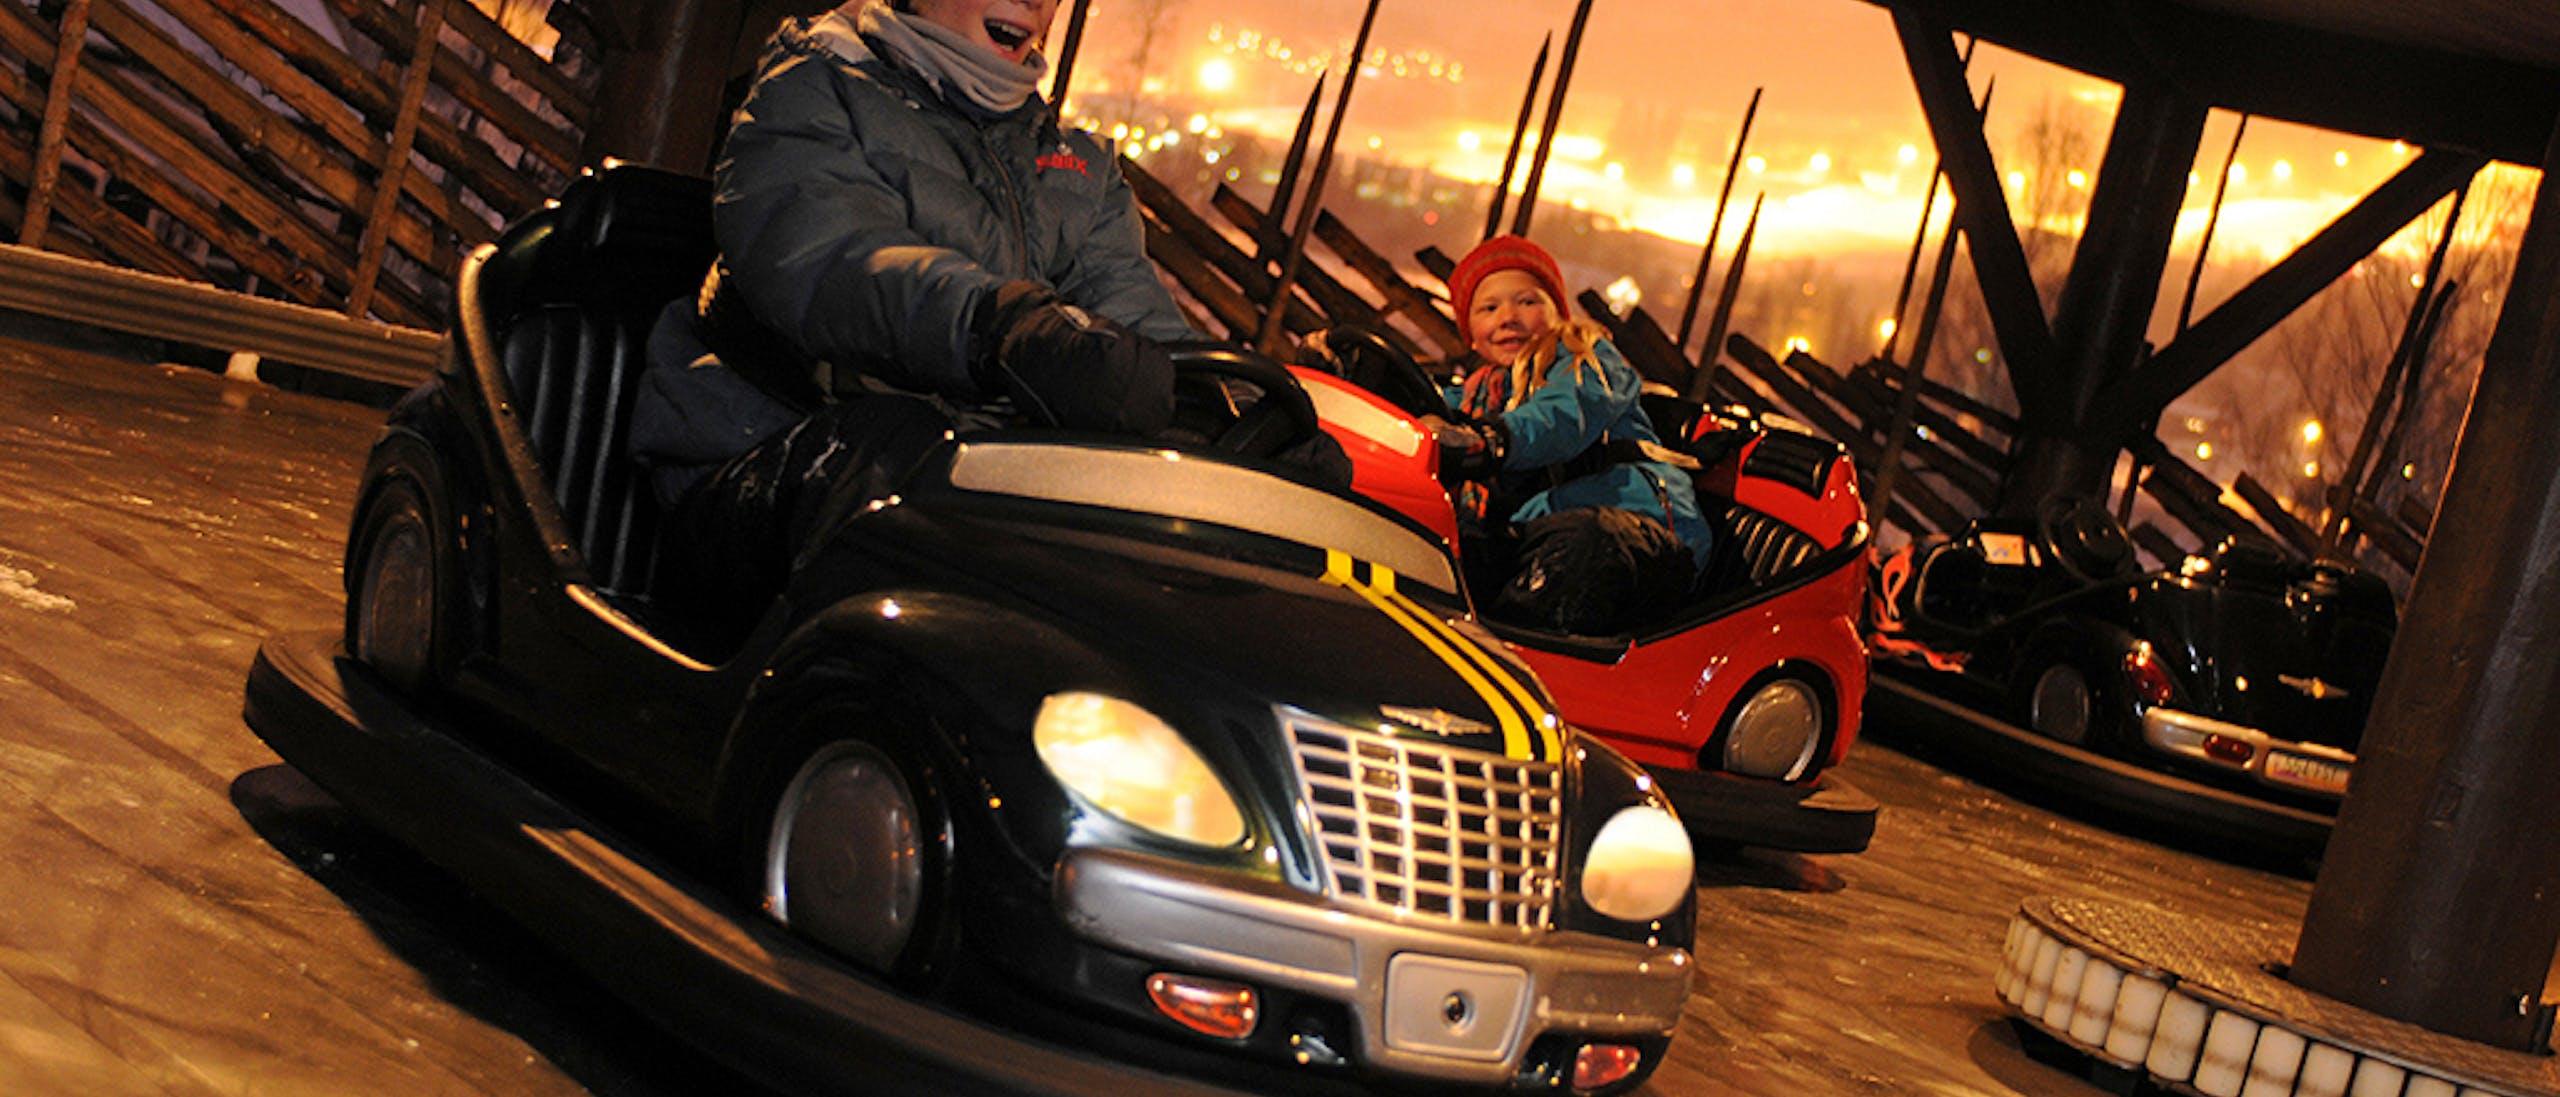 Prøv Radiobil i Hunderfossen Vinterpark